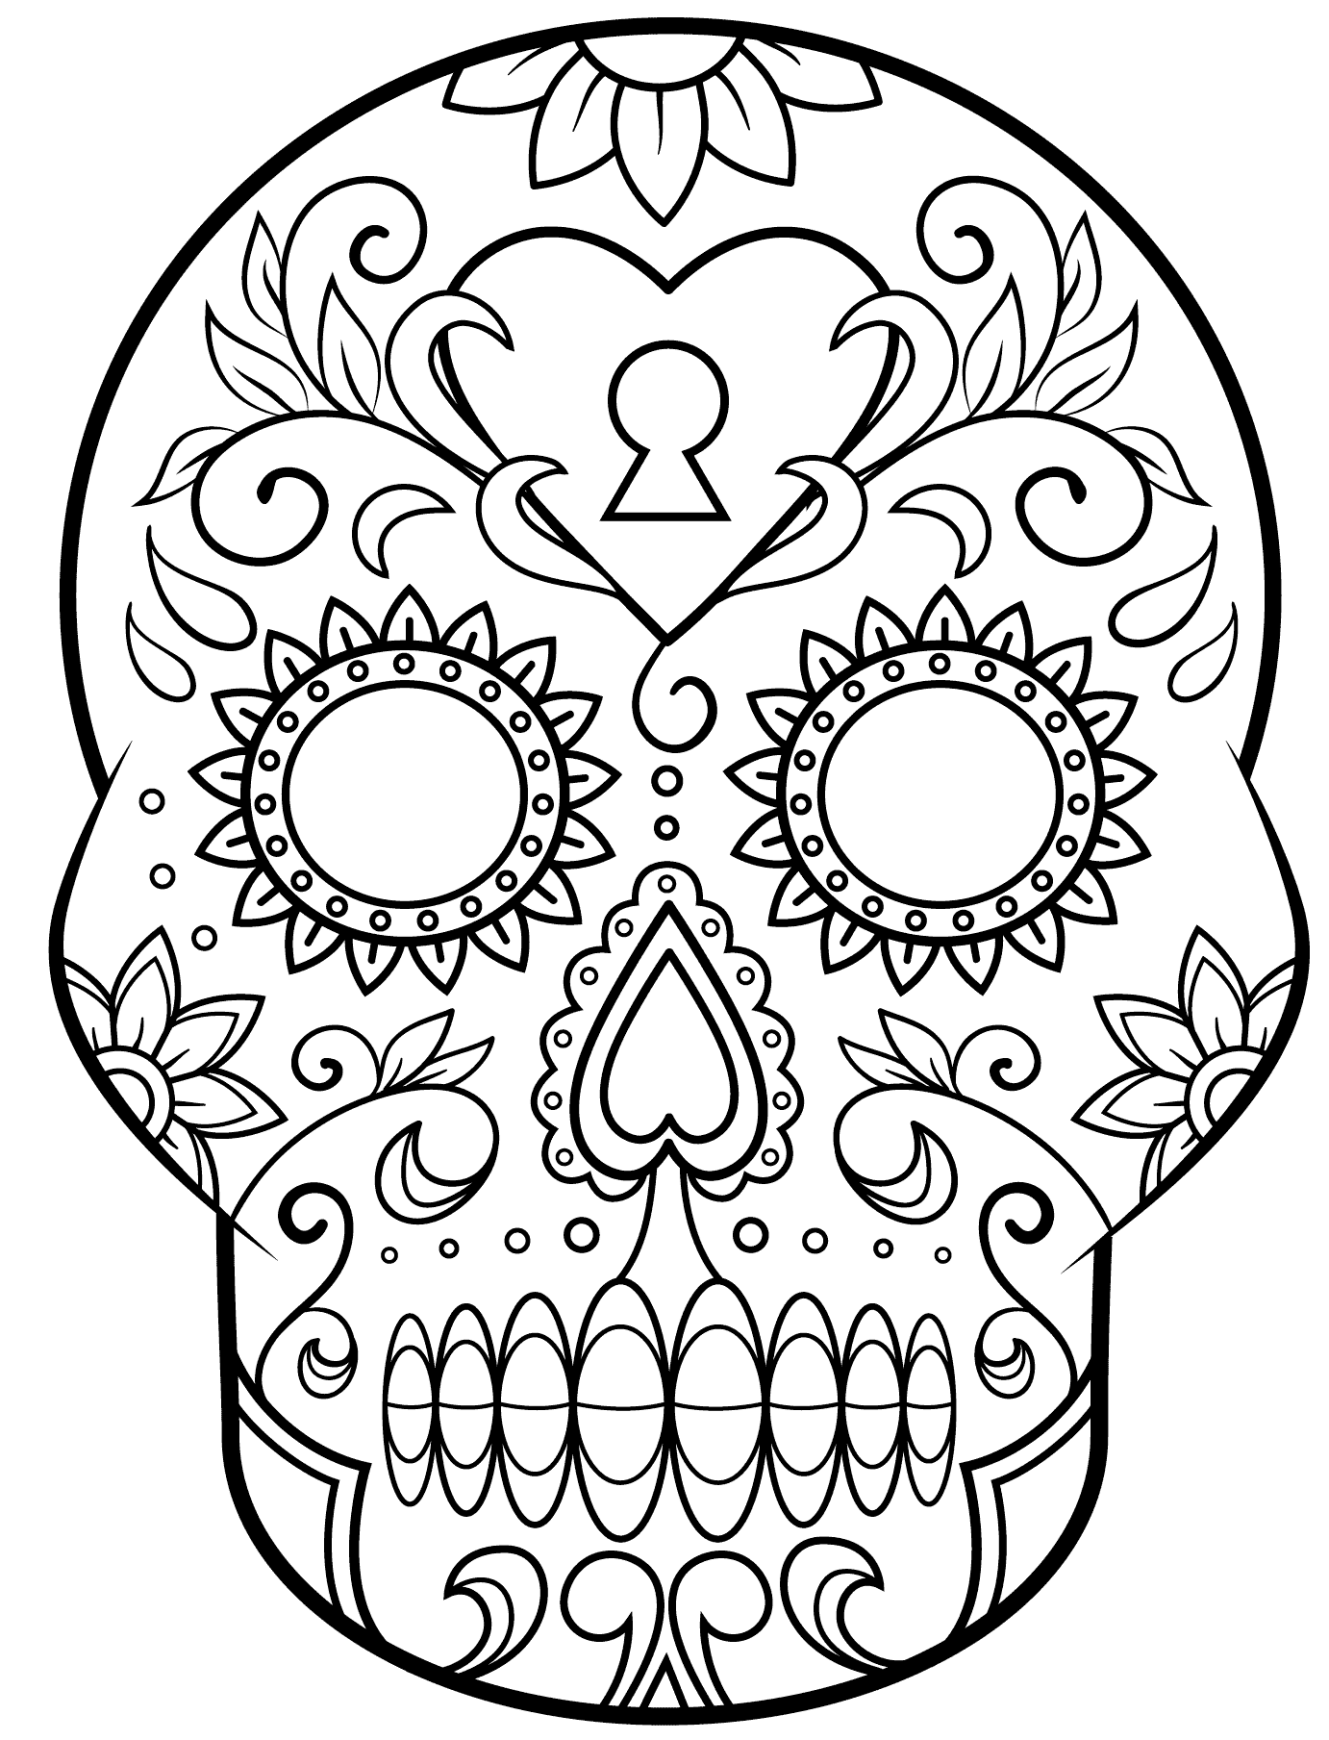 Los Mejores Dibujos Del Dia De Los Muertos Tambien Para Colorear Calaveras Para Colorear Calaveras Mexicanas Para Colorear Halloween Para Colorear